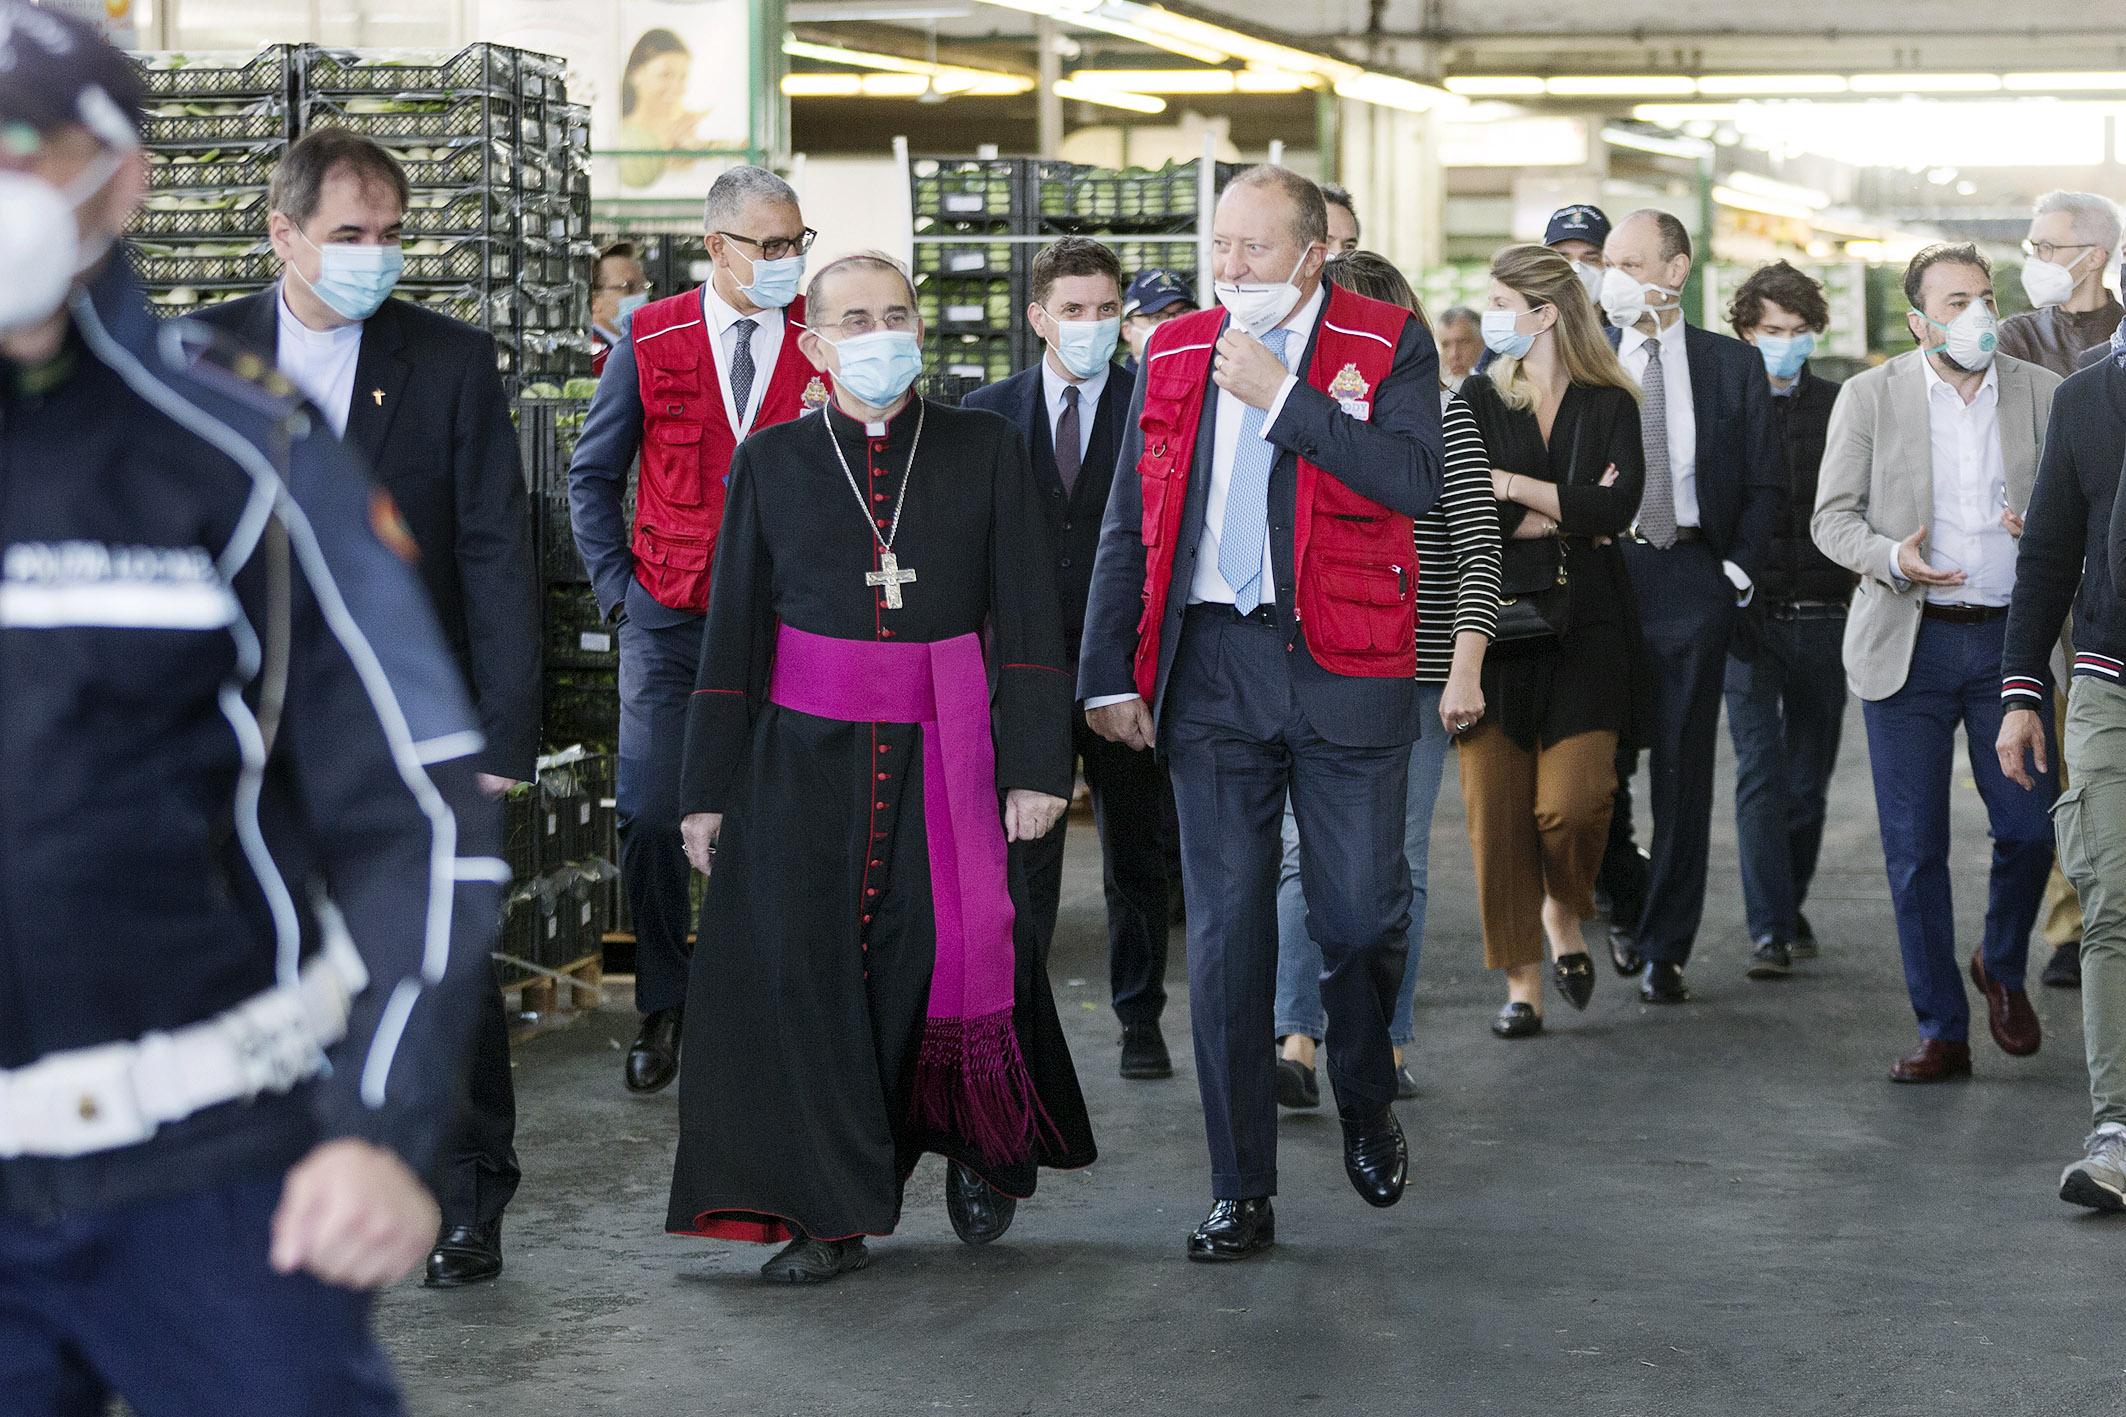 La visita dell'Arcivescovo al Mercato agroalimentare di Milano (27 maggio 2020)